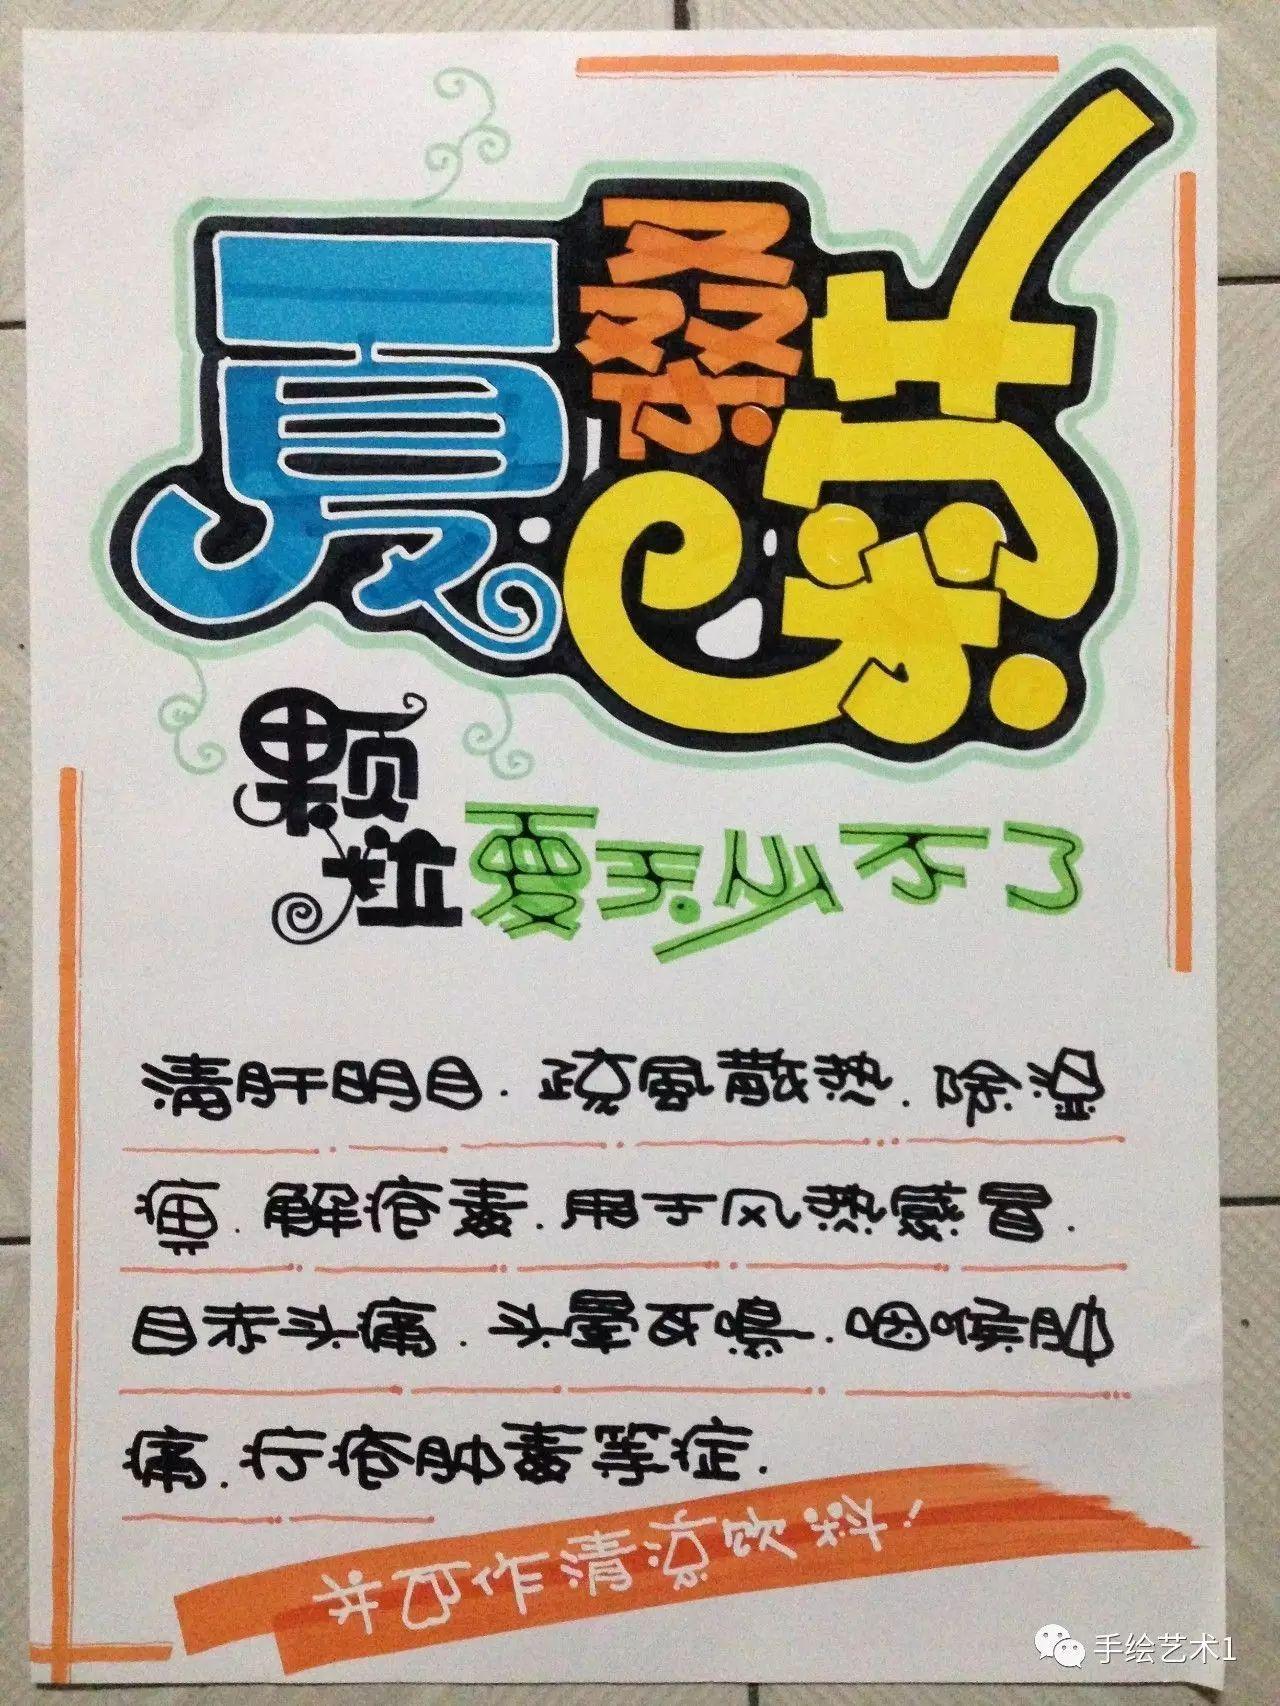 【手绘pop】《夏桑菊颗粒》海报作品